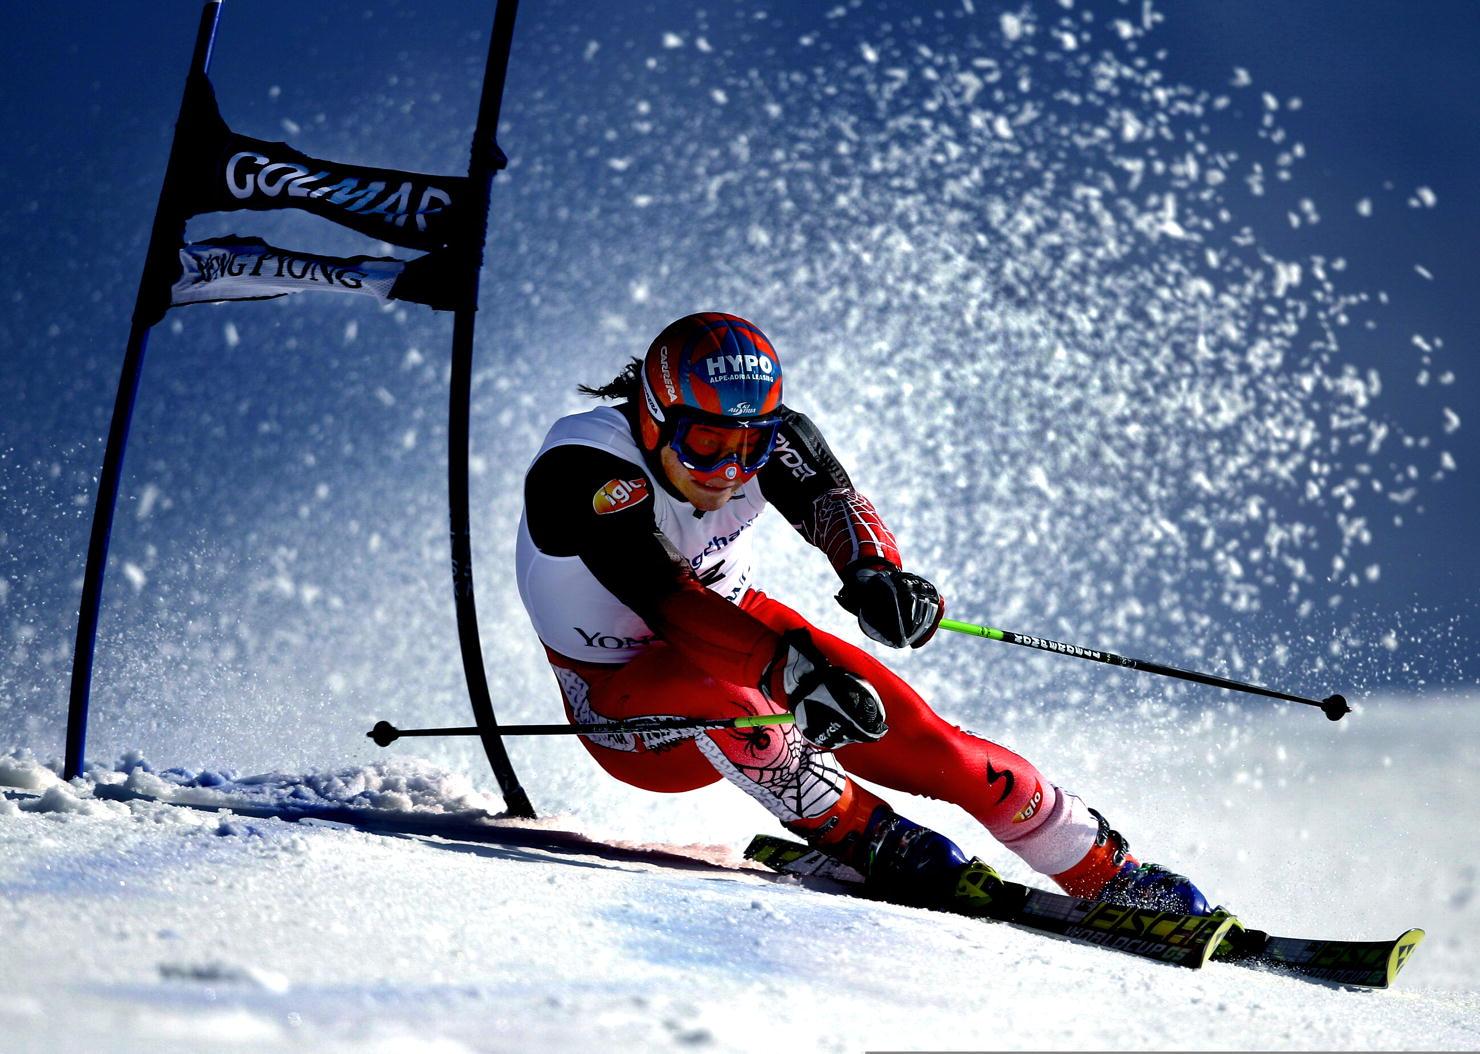 Kết quả hình ảnh cho trượt tuyết